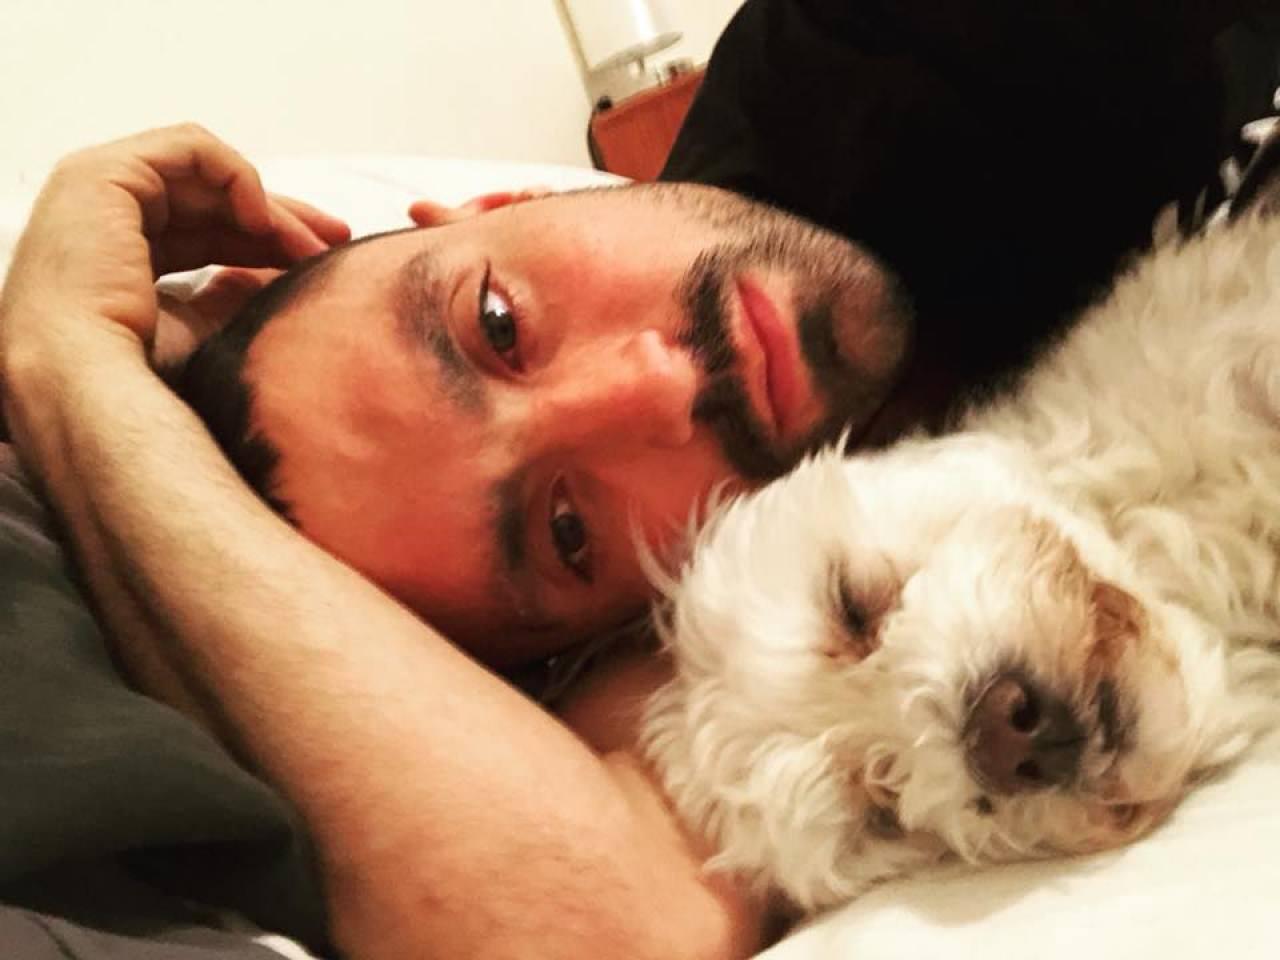 小狗Snooki在Joey生命最重要時刻出現,可算是拯救了他的人生。(受訪者提供)